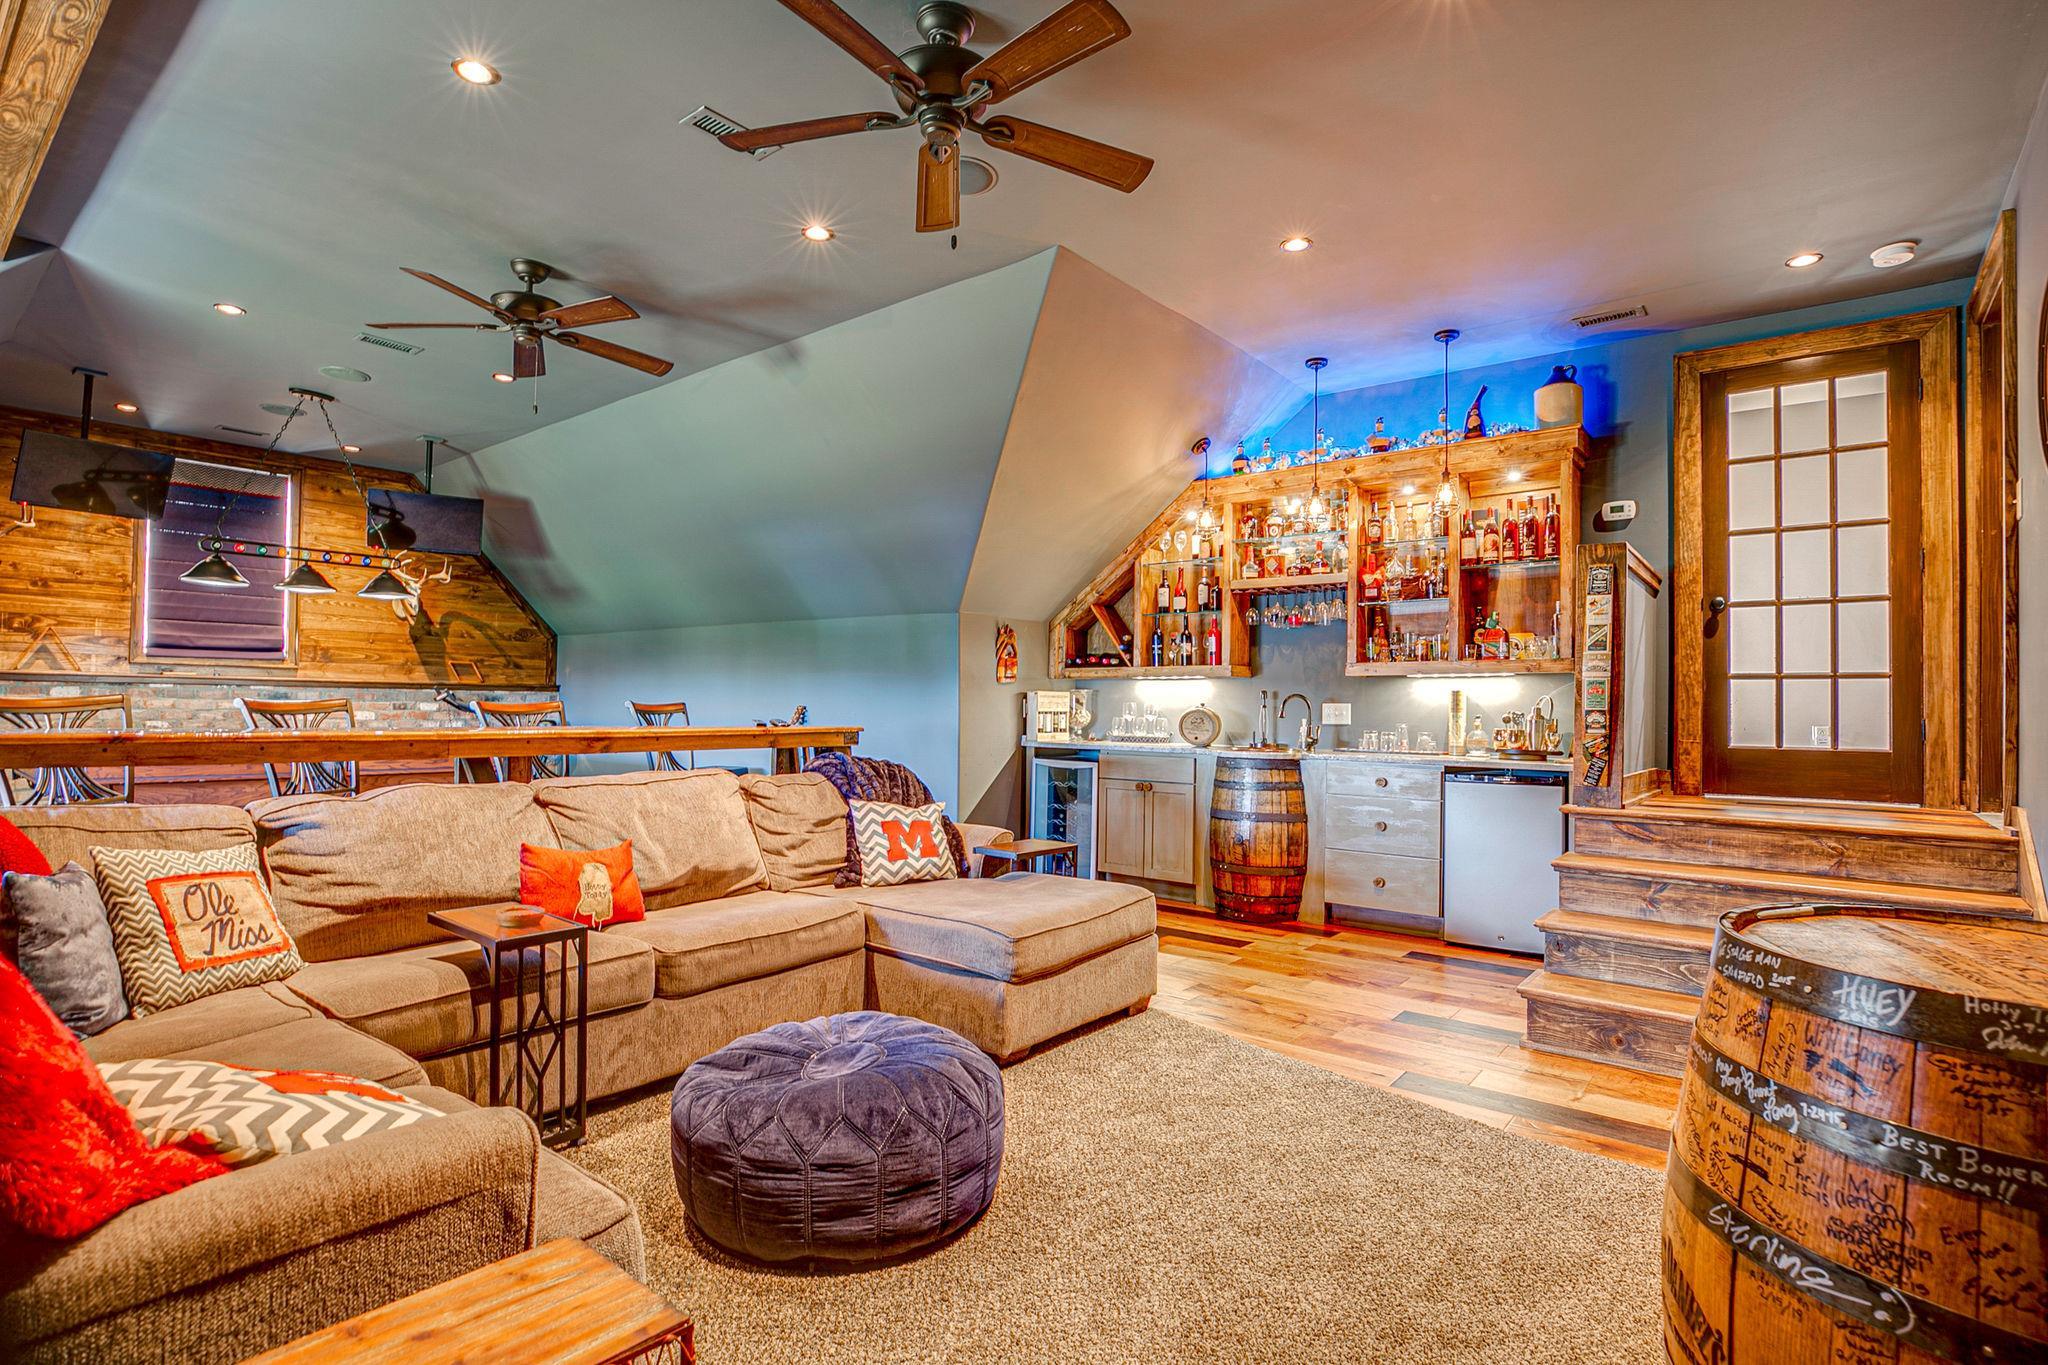 4332 Pretoria Run, Murfreesboro, TN 37128 - Murfreesboro, TN real estate listing